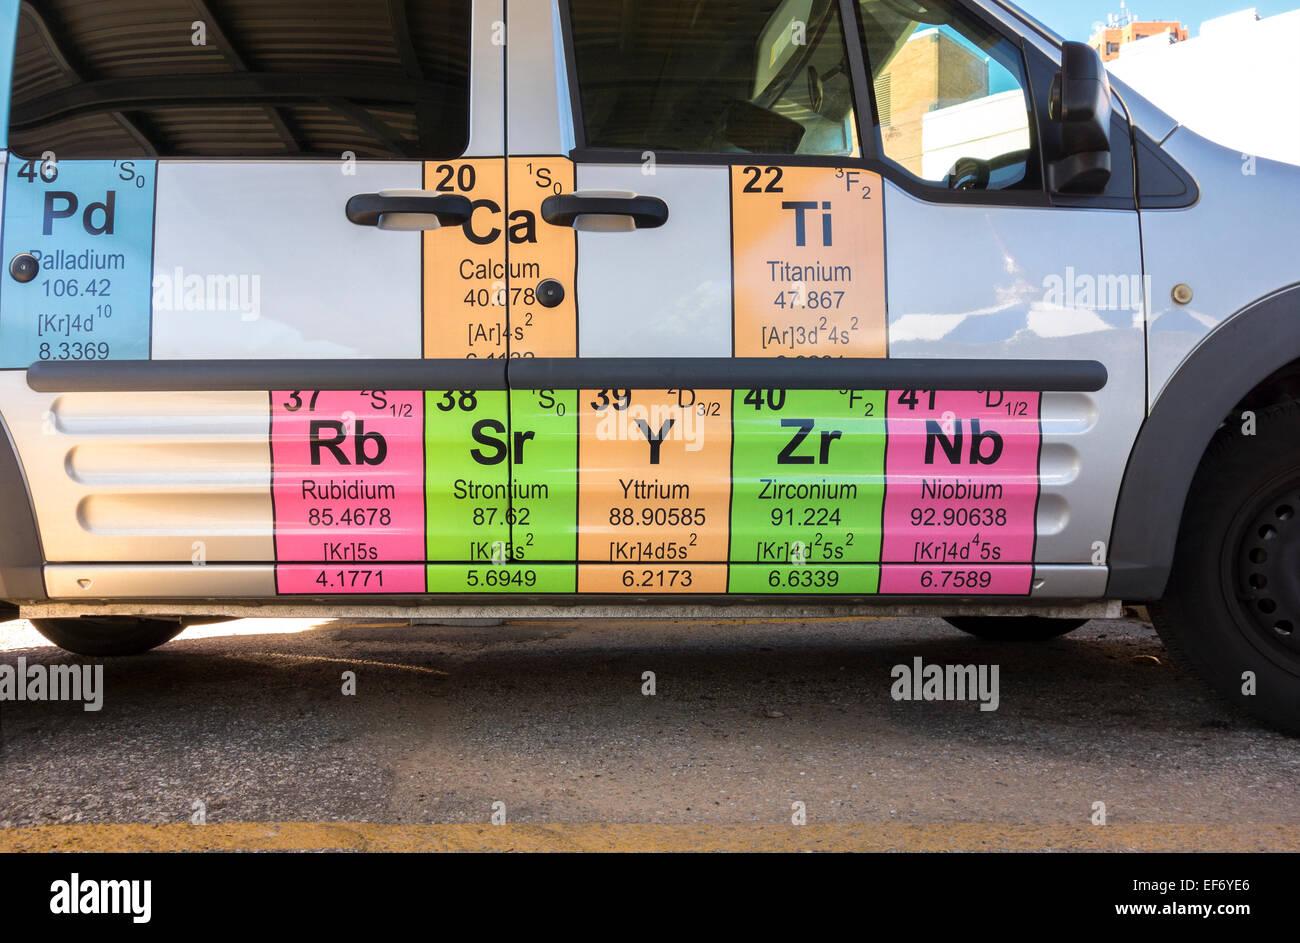 Mendeleev della tabella periodica degli elementi sul lato di una vettura del Maryland Science Center di Baltimora Immagini Stock